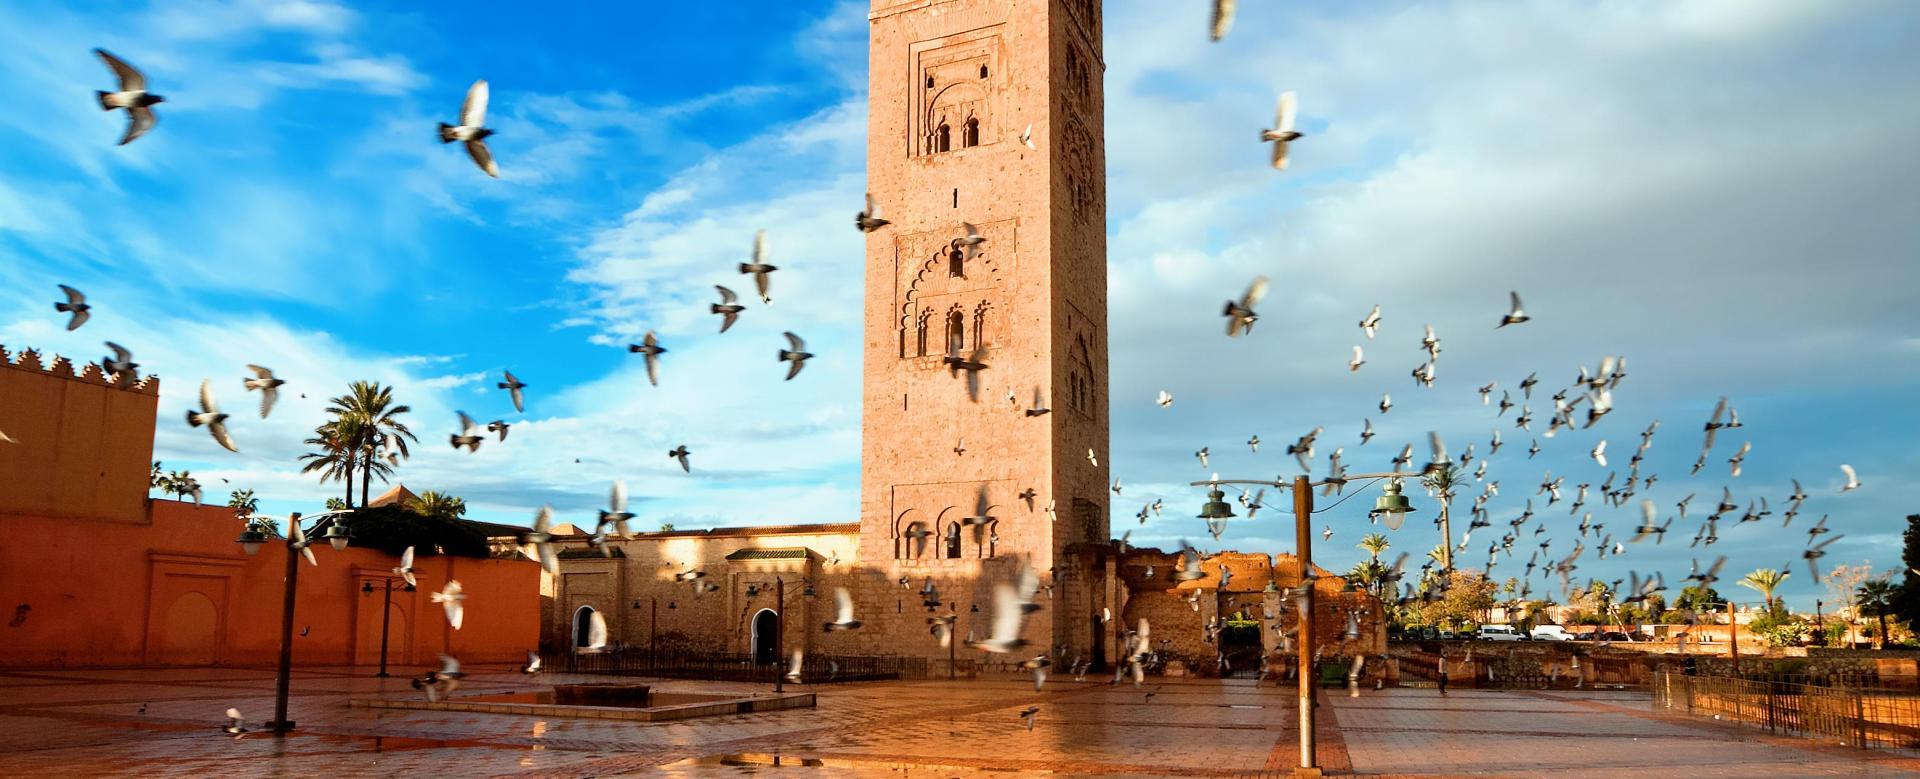 Voyage à pied Maroc : Le grand tour du maroc